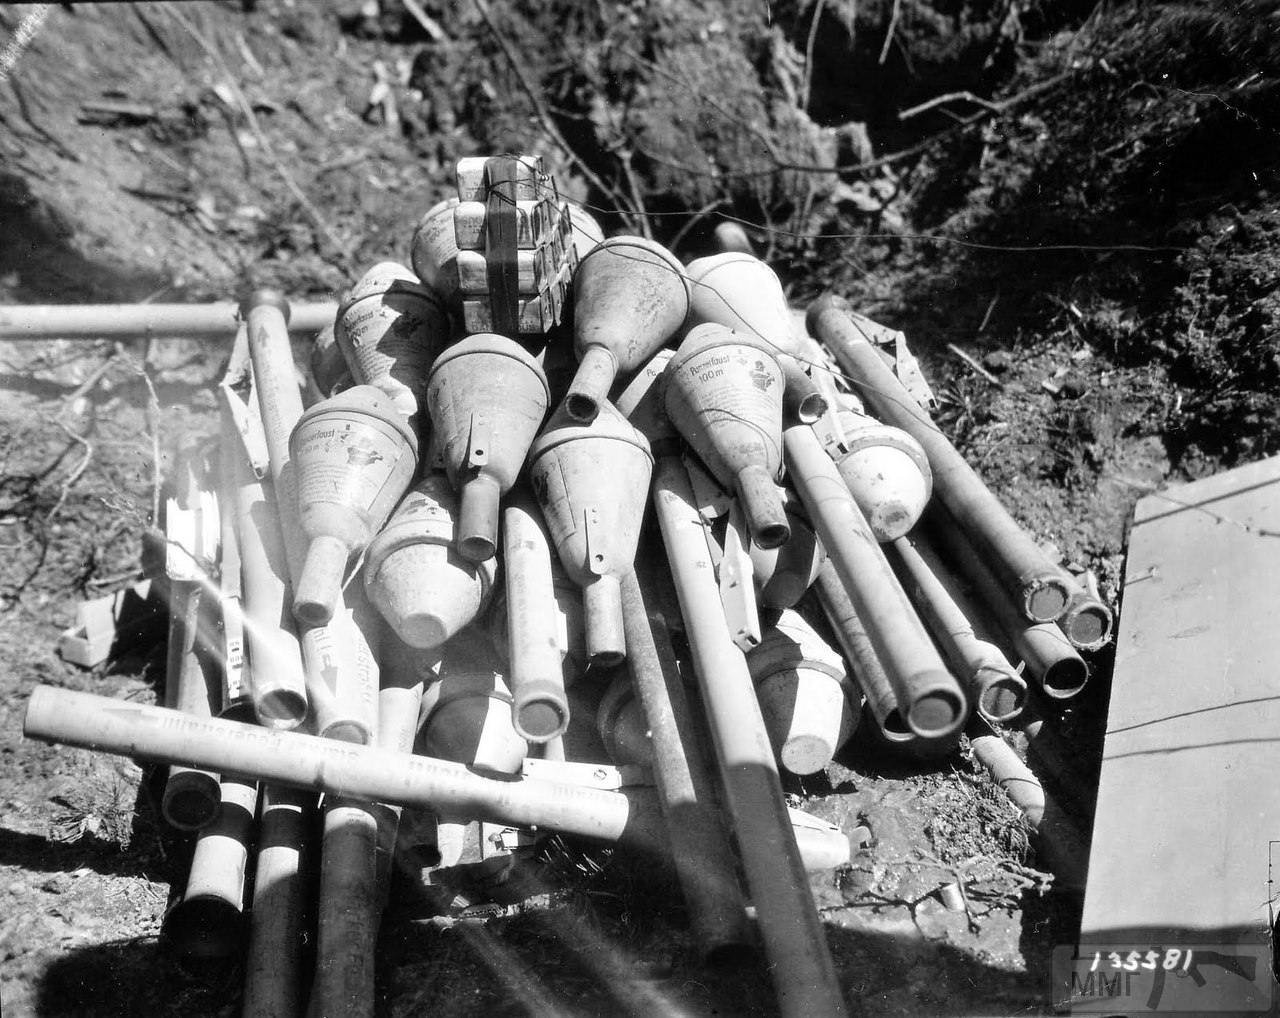 23930 - Ручной противотанковый гранатомет Panzerfaust (Faustpatrone)